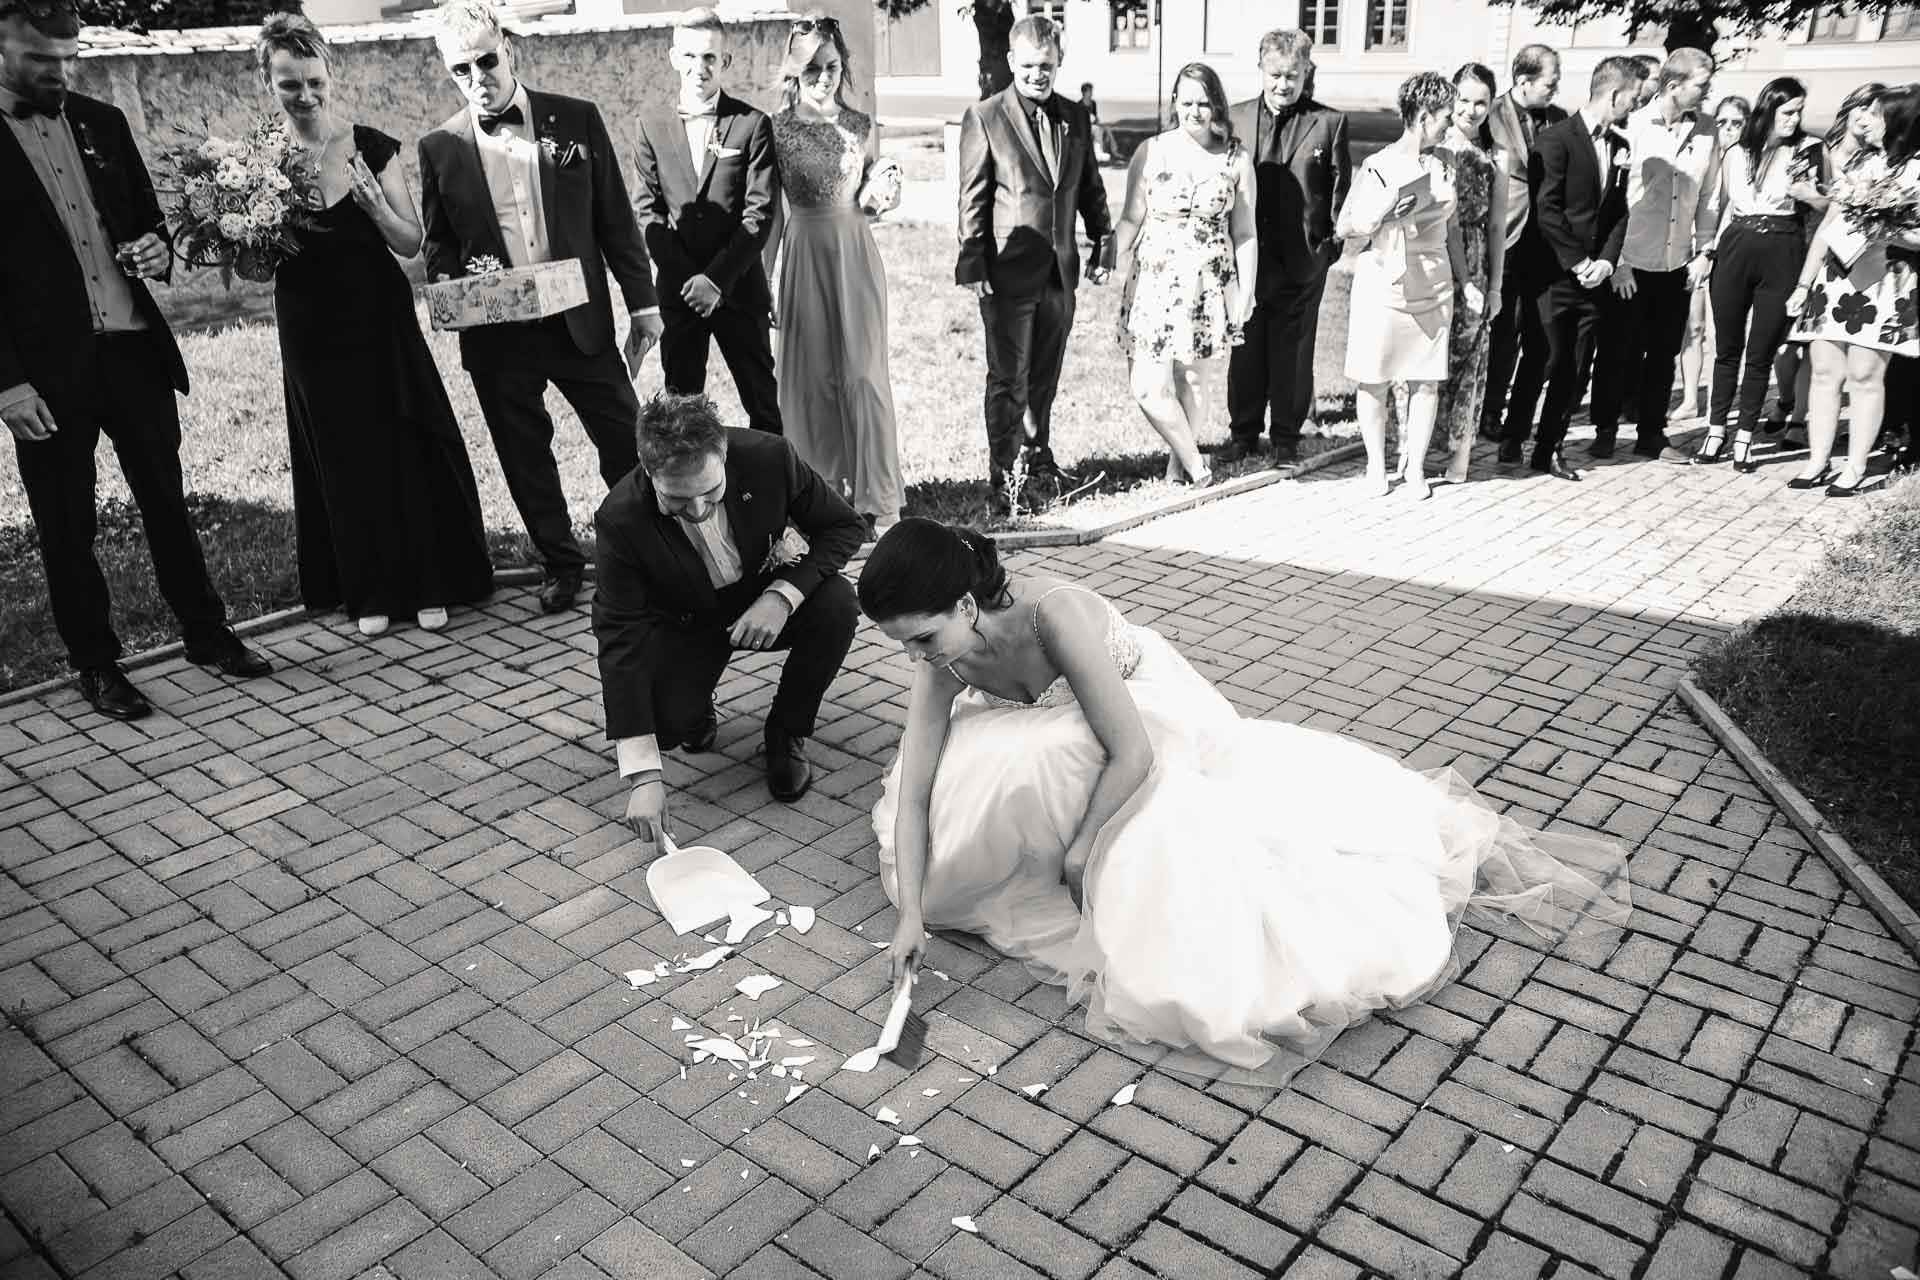 svatební-fotografie-Říp-svatební-video-ŘÍP-svatební-fotograf-ŘÍP-svatba-Mělník-svatba-Neratovice-fotograf-na-savtbu-kameraman-na-svatbu-225